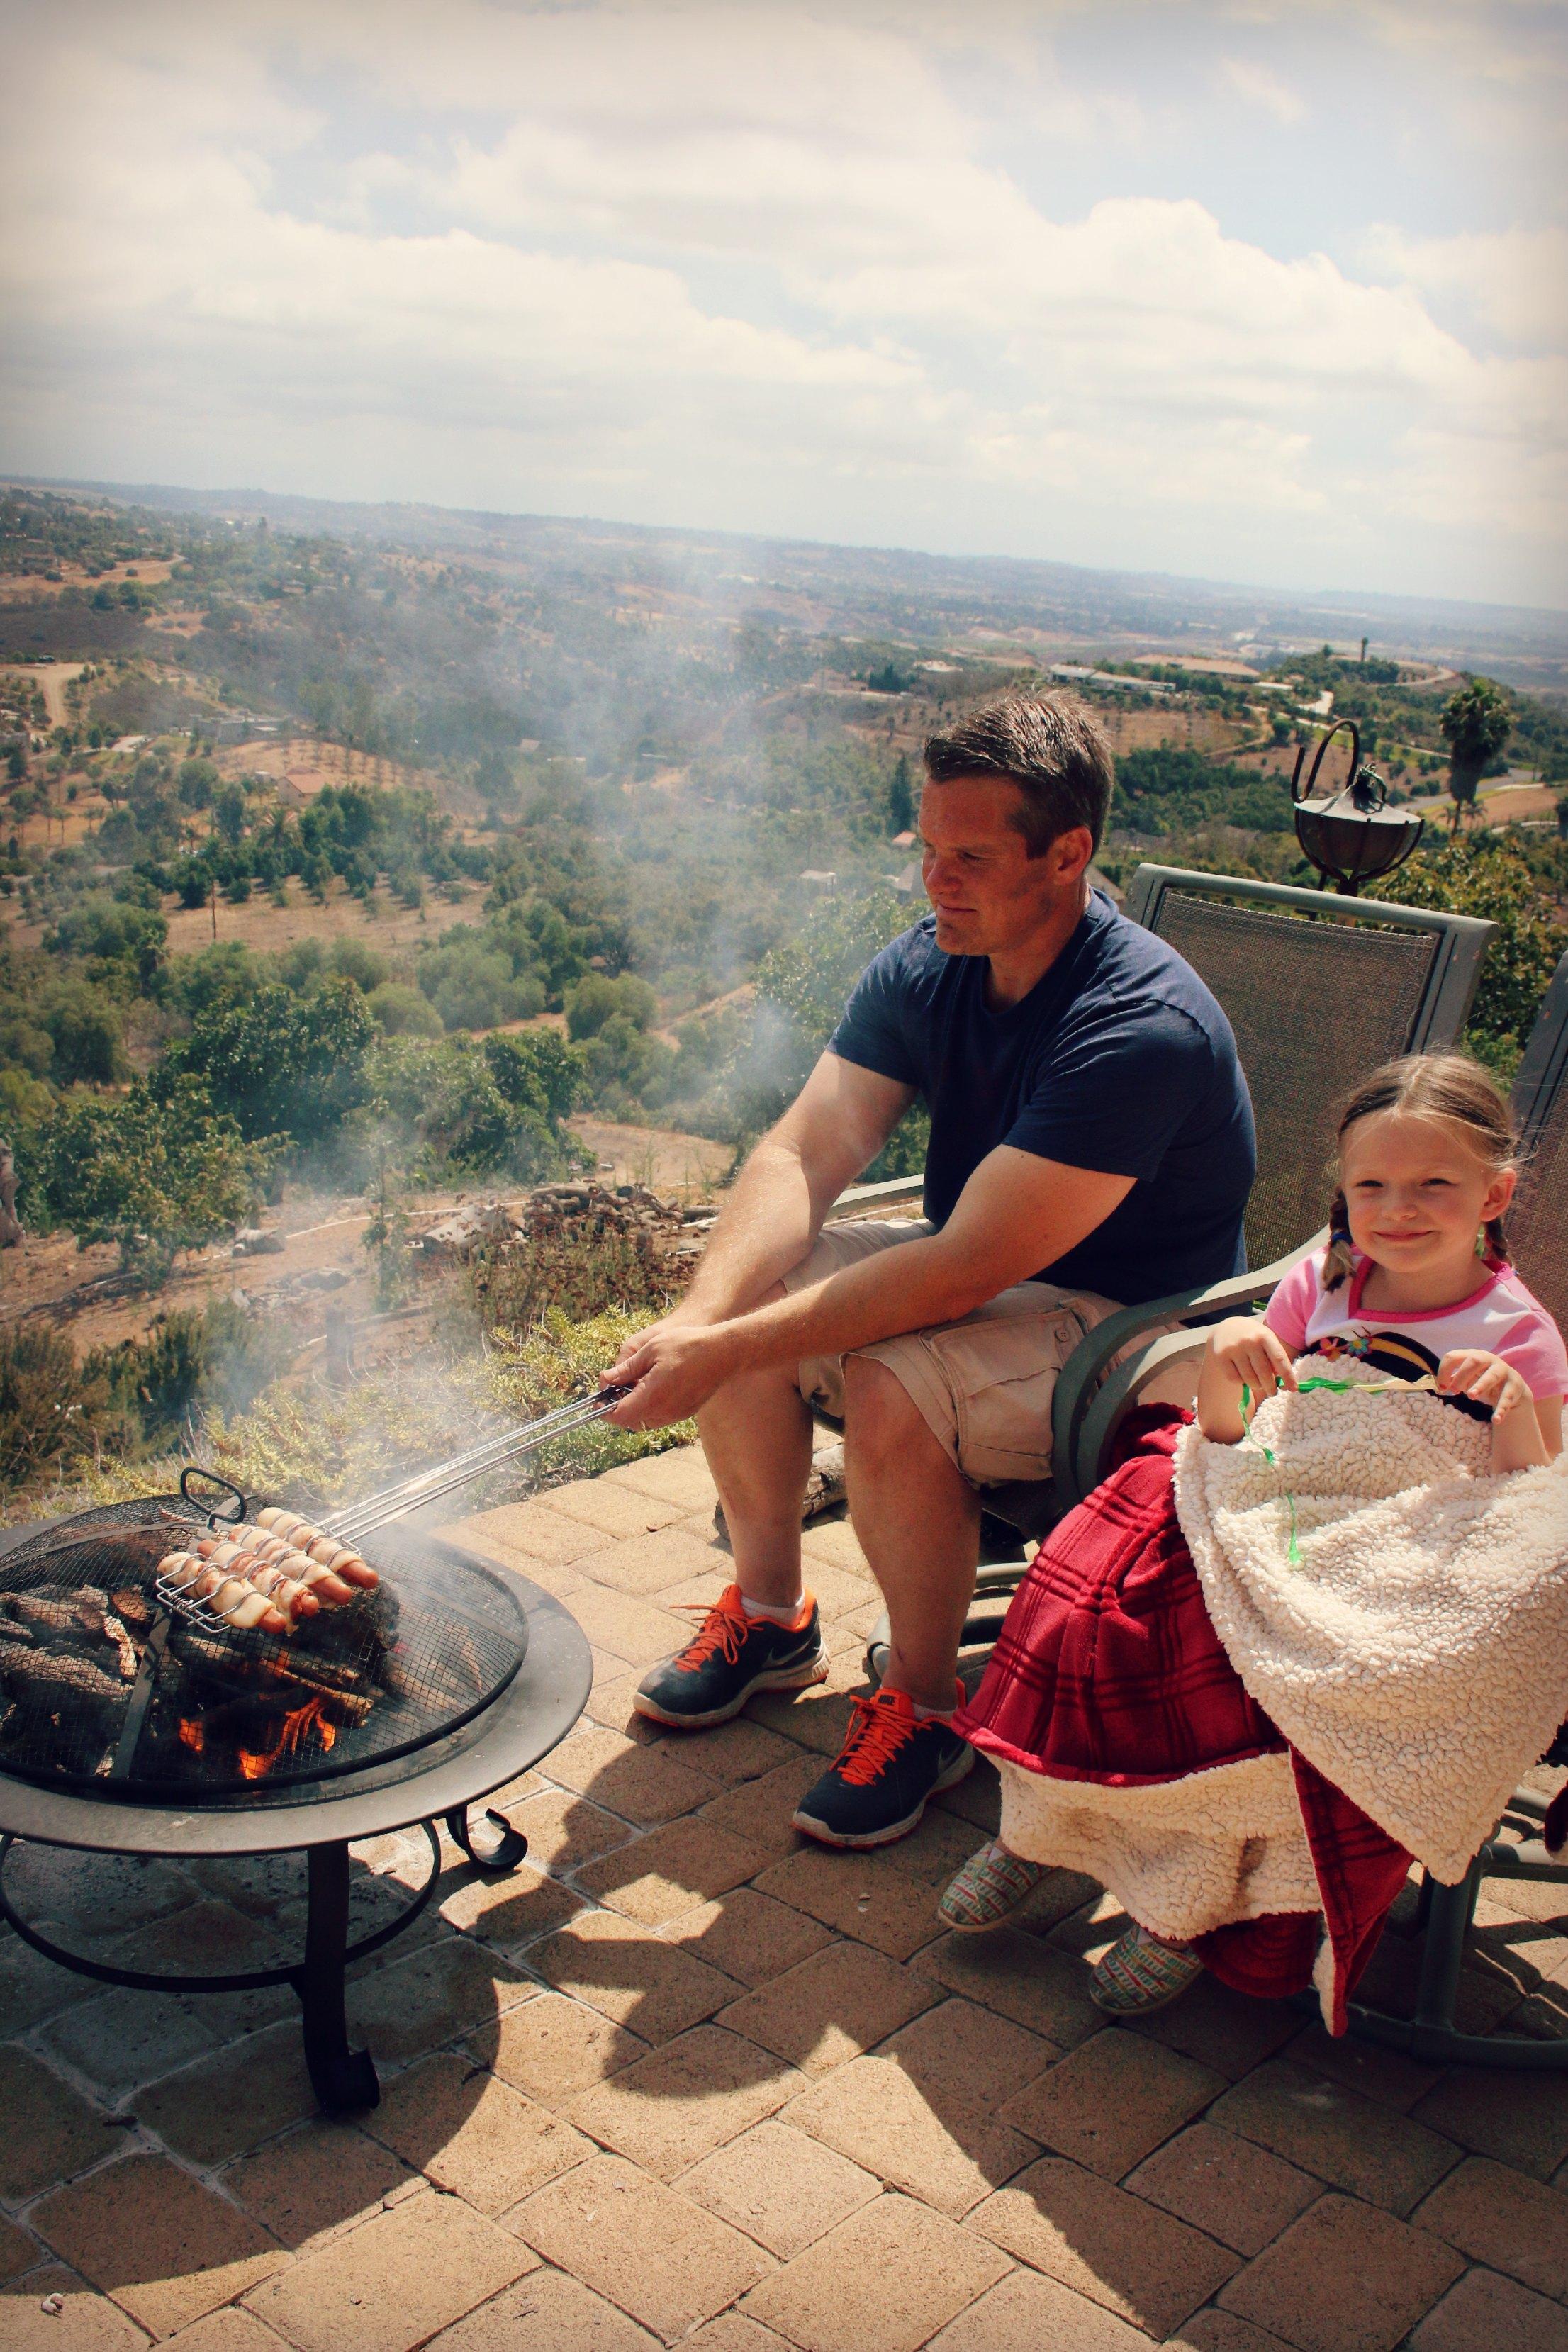 suburban camping at home